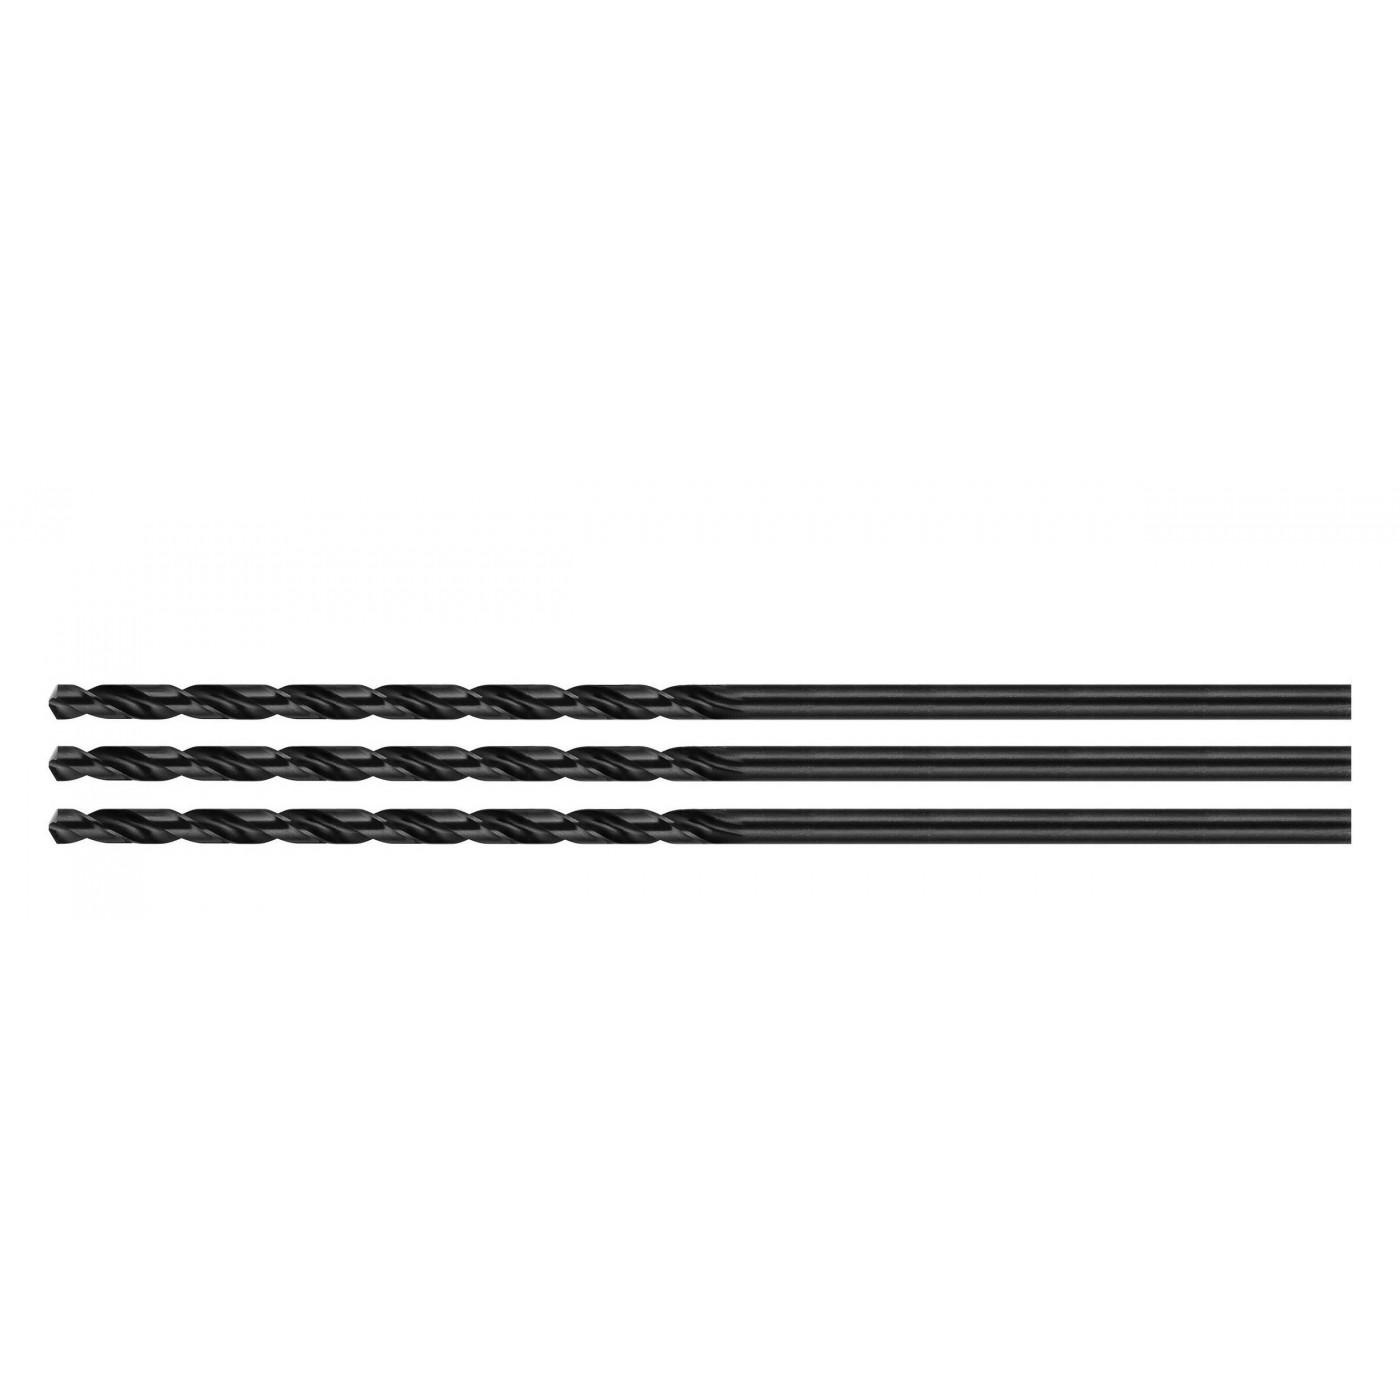 Set of 3 metal drill bits (HSS, 9.0x200 mm)